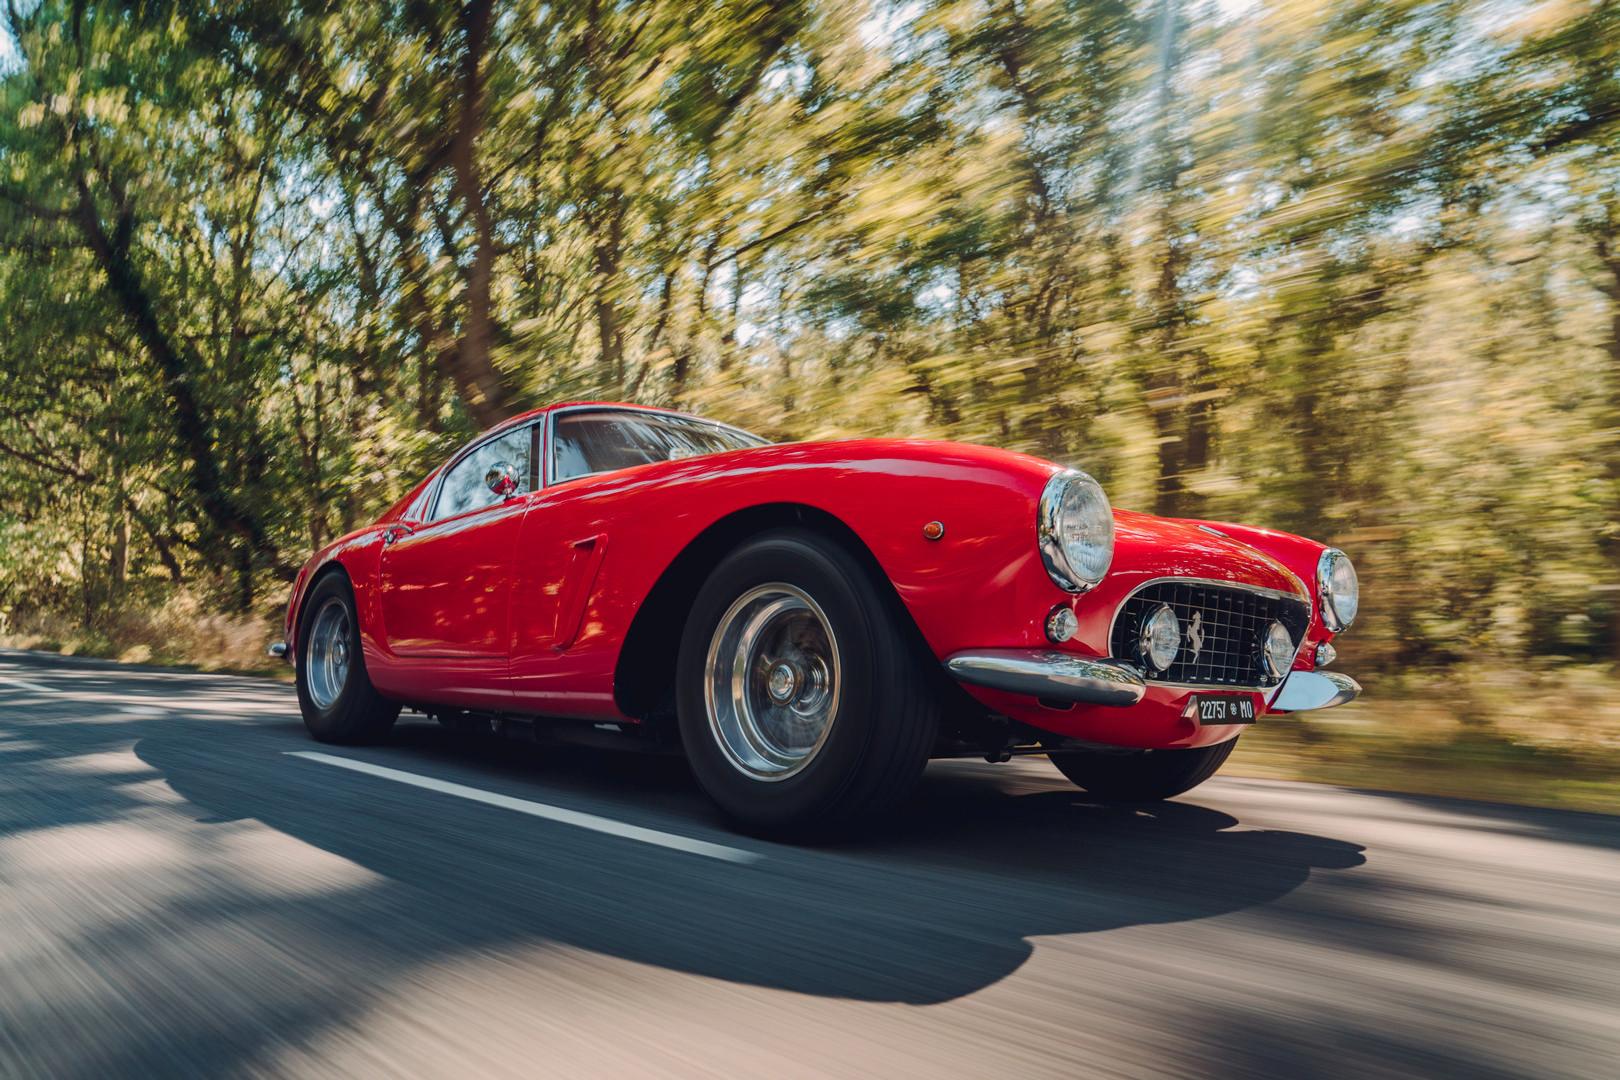 Red Ferrari 250 SWB Revival